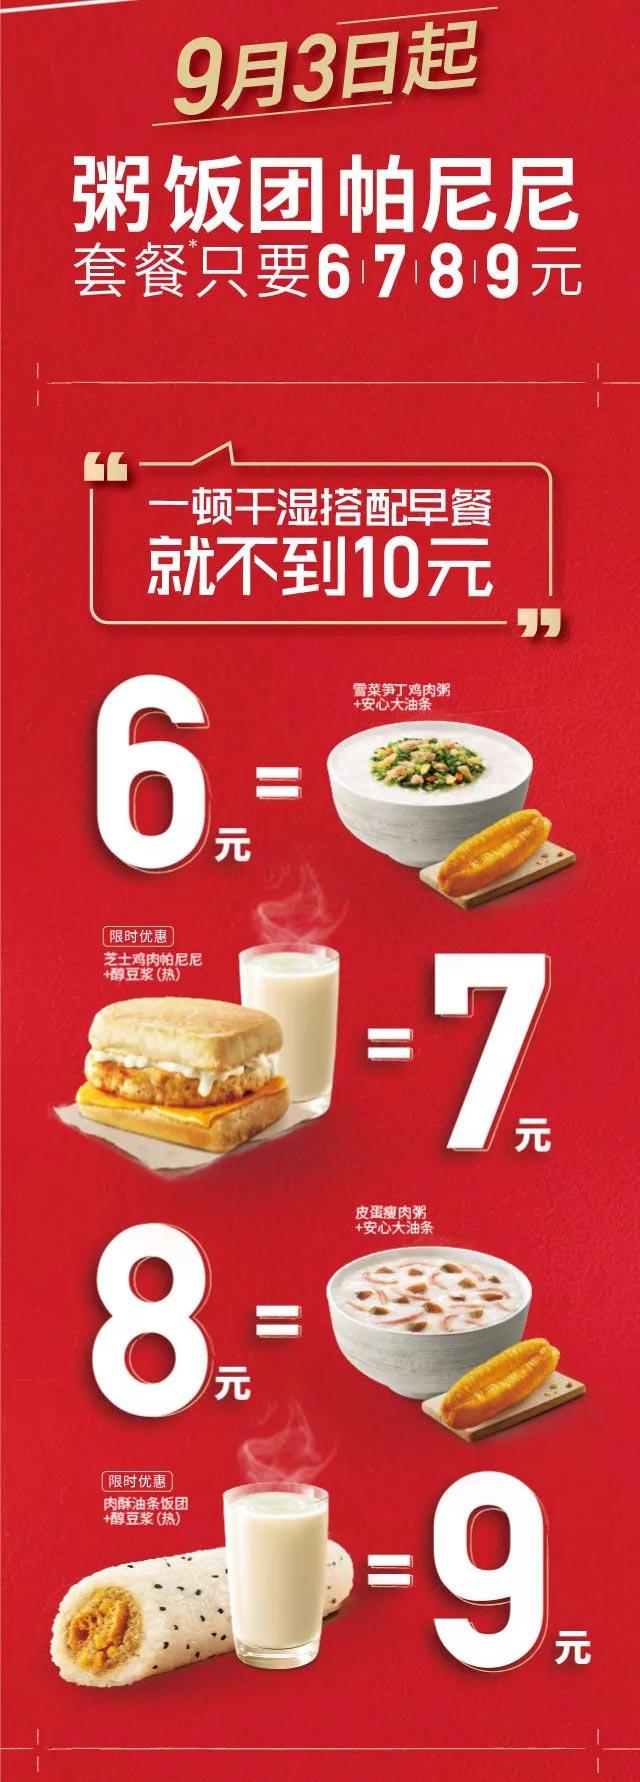 肯德基早餐套餐6、7、8、9元